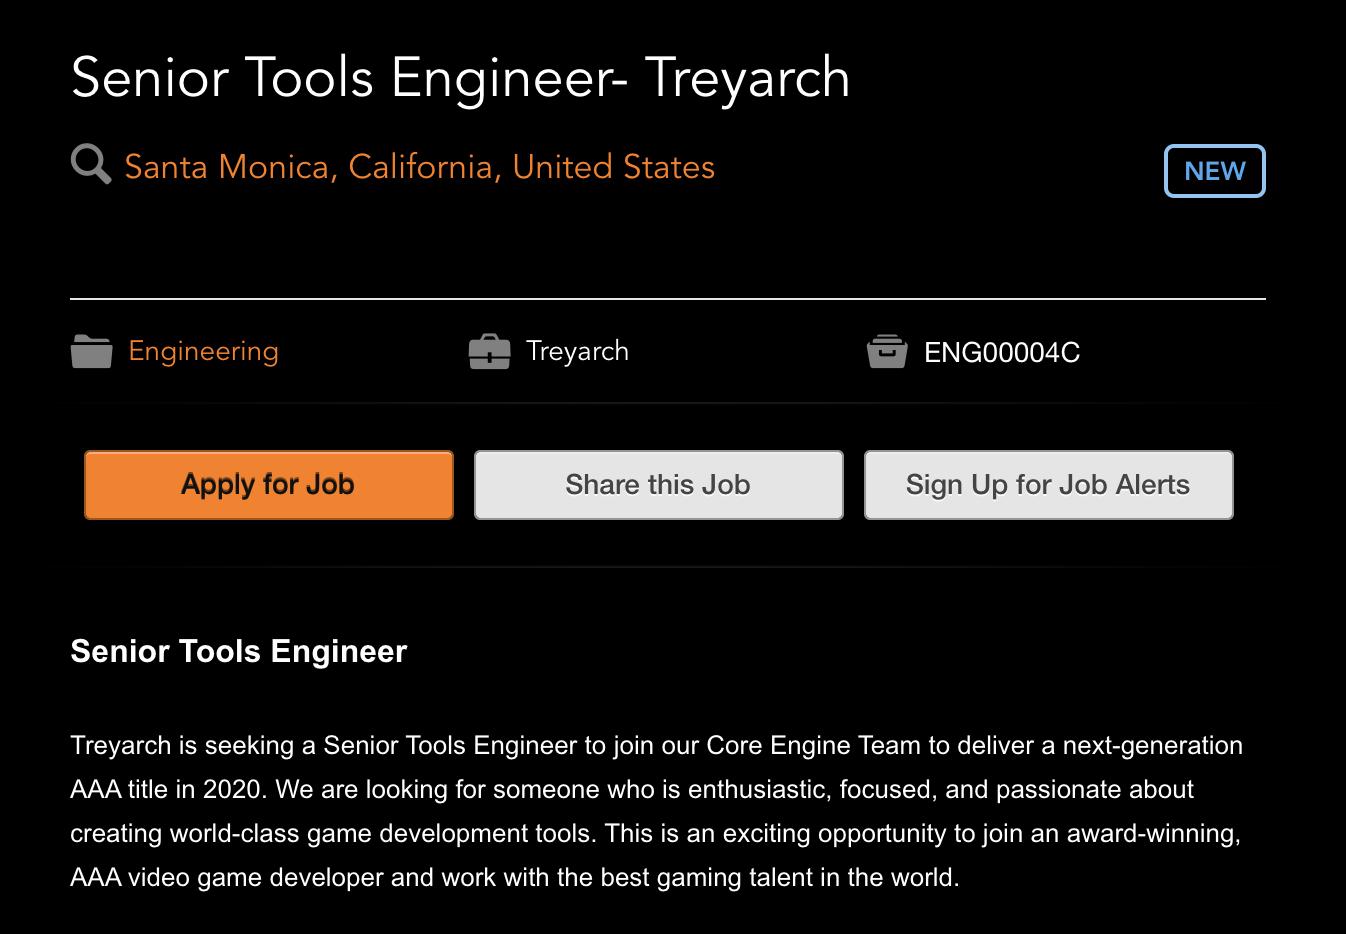 Treyarch's job listing.